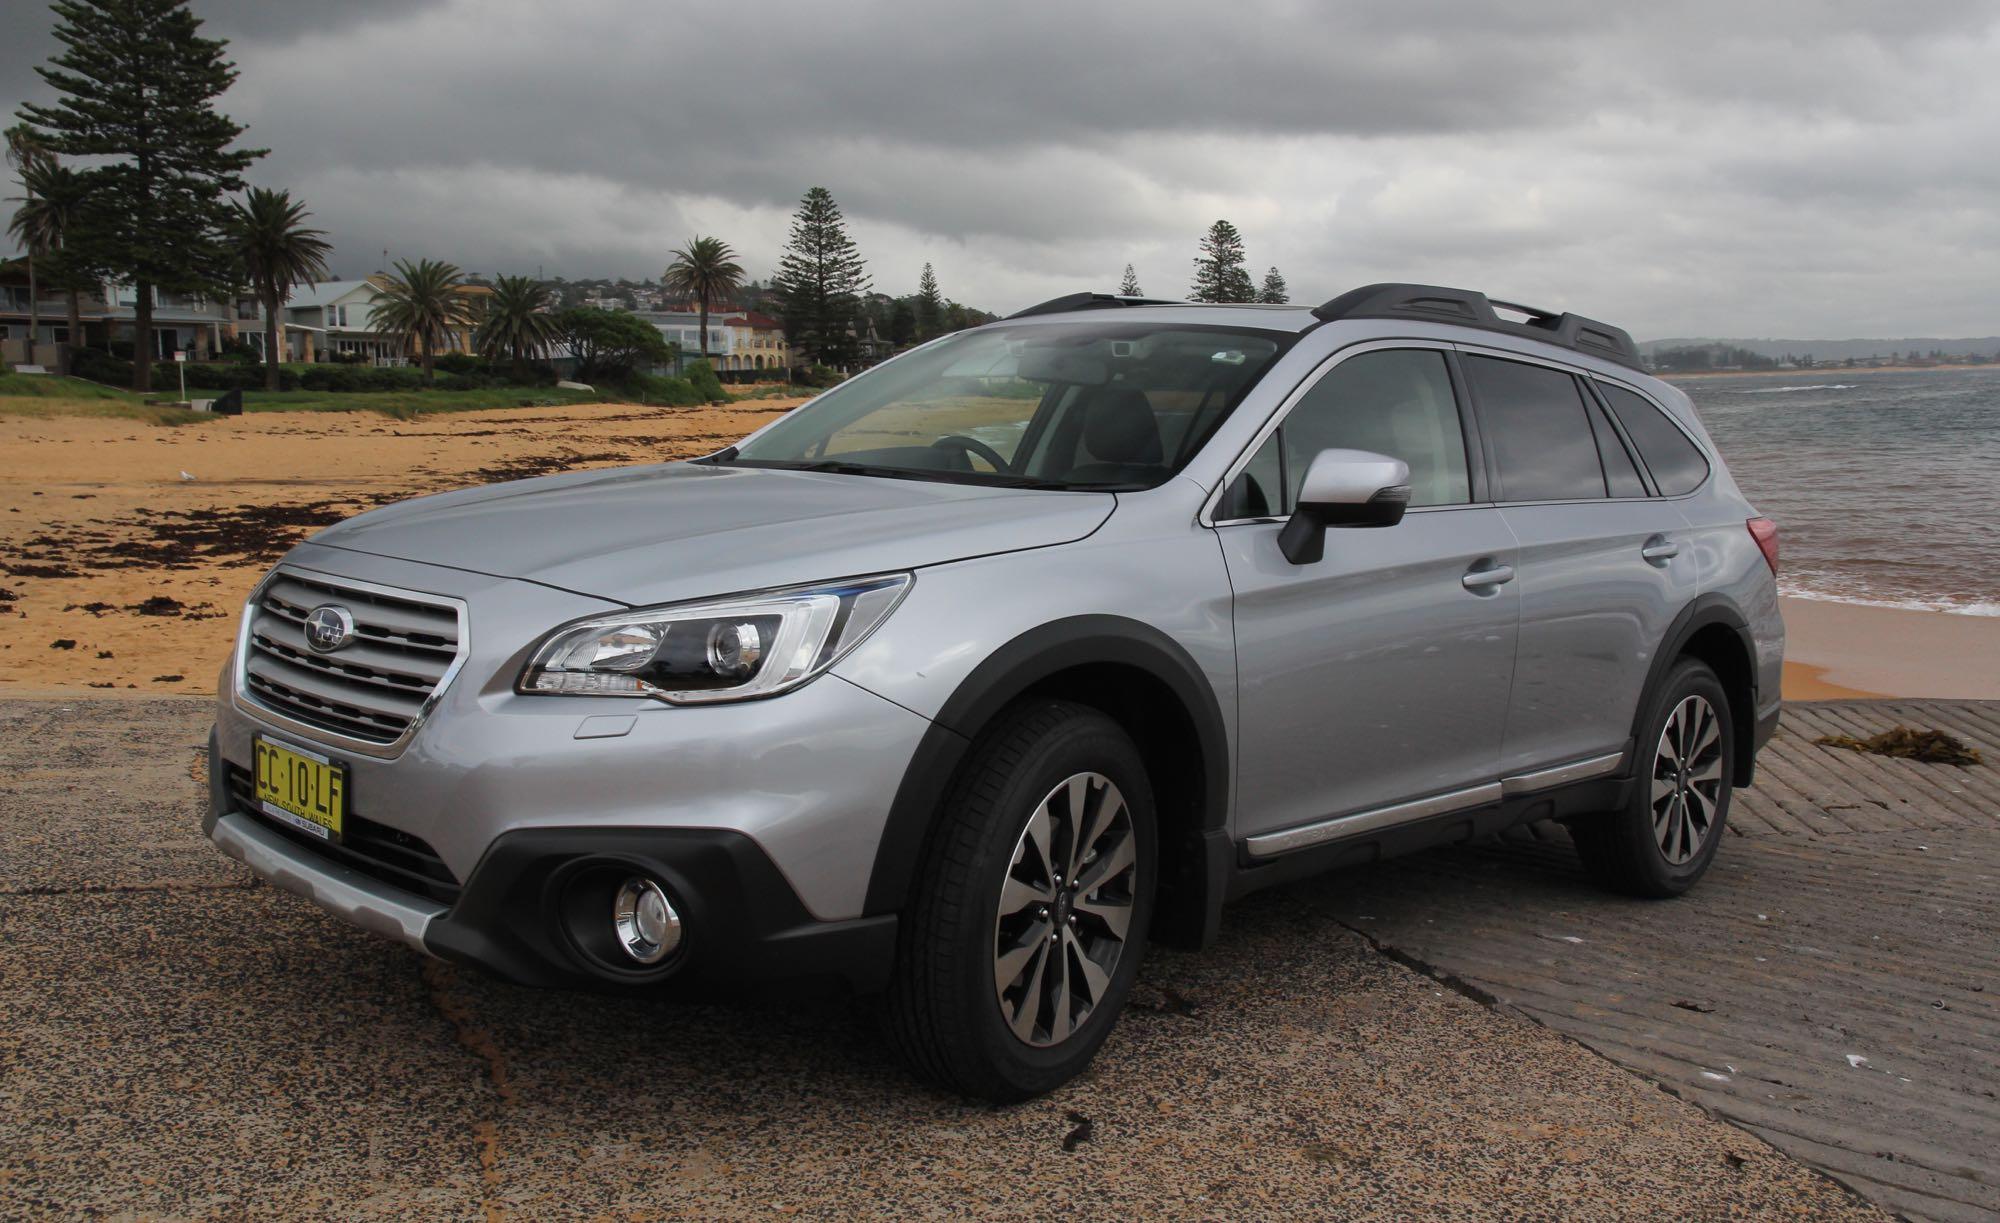 2015 Subaru Outback Review : 3.6R - photos | CarAdvice